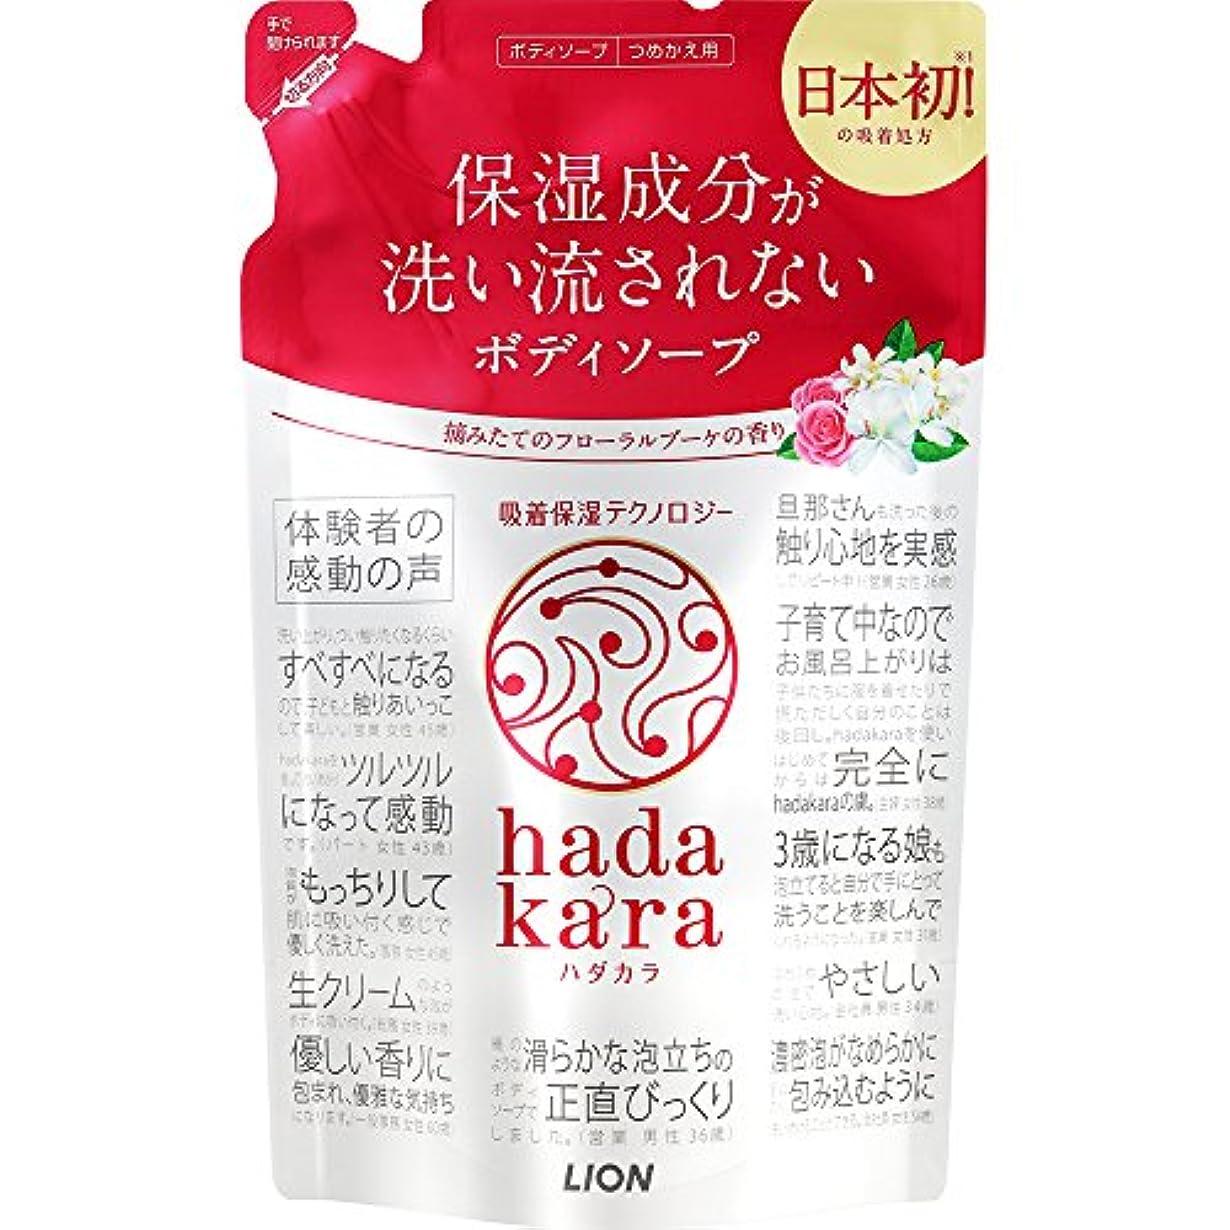 専門化する悪化させる傷つけるhadakara(ハダカラ) ボディソープ フローラルブーケの香り 詰め替え 360ml